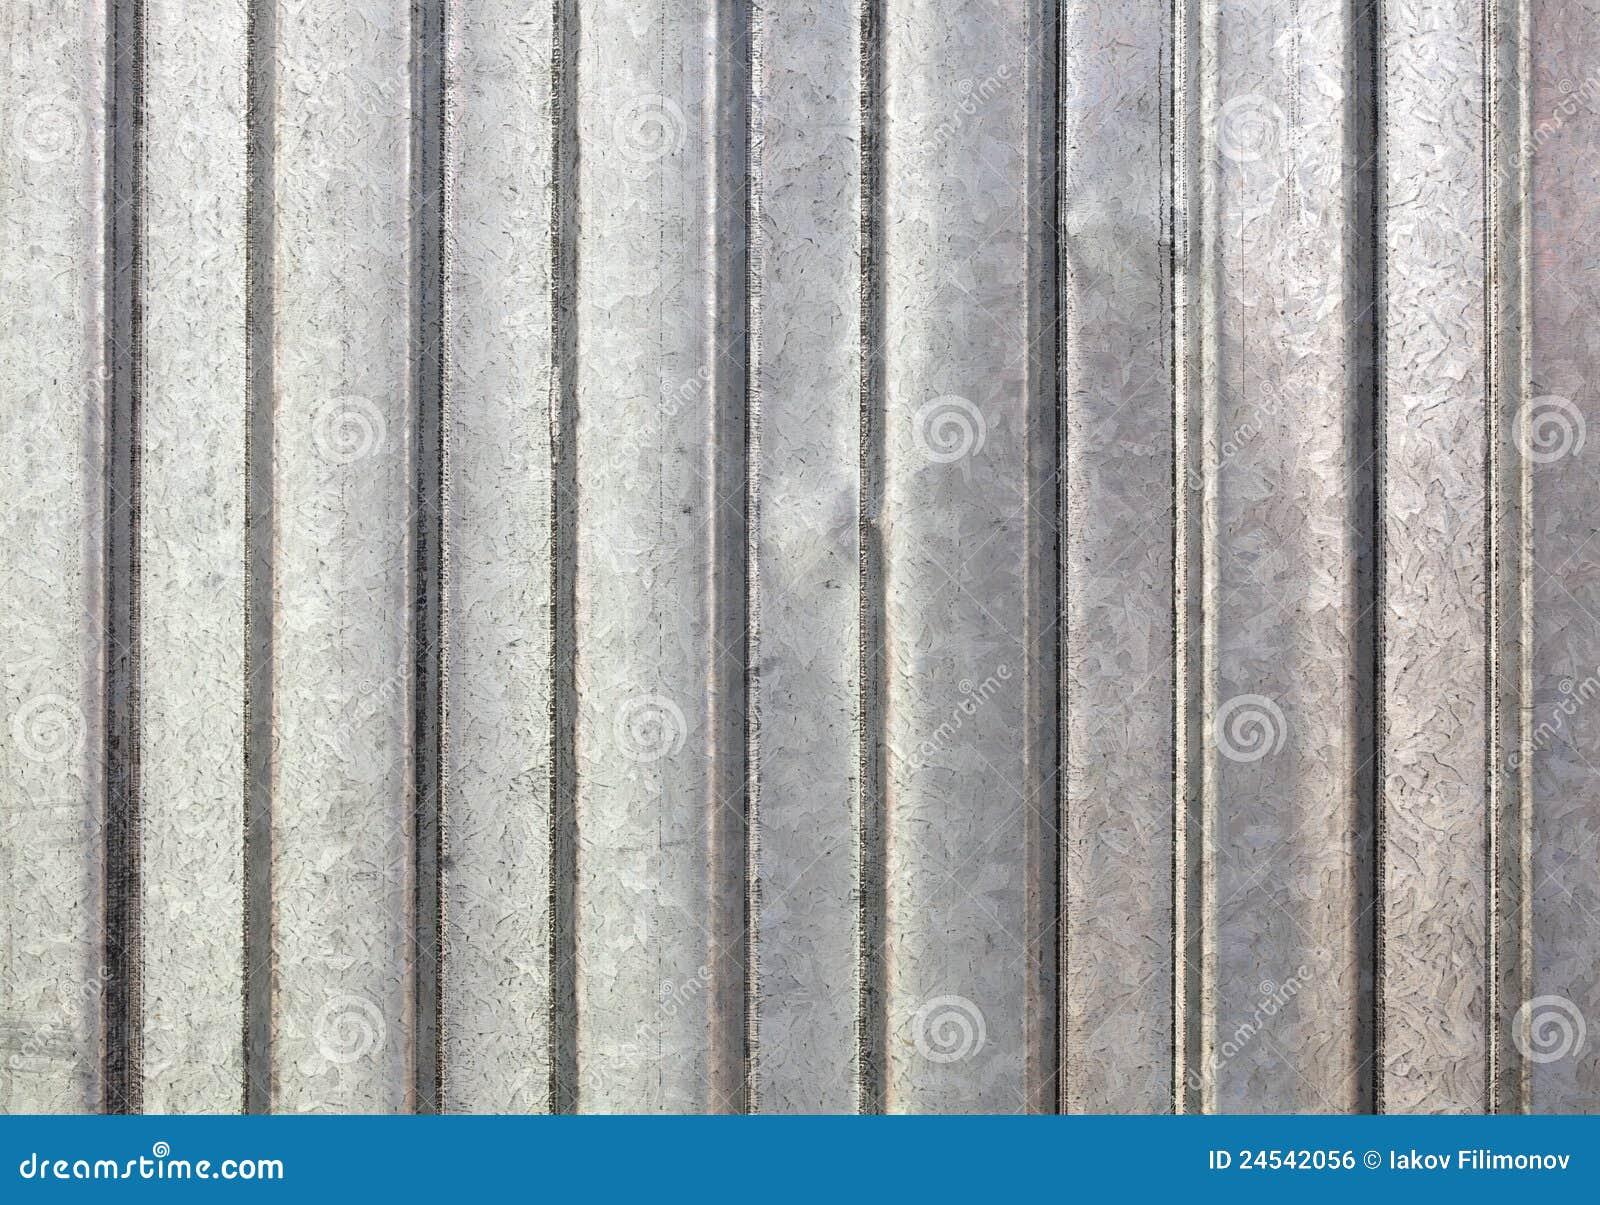 Corrugated Galvanized Metal Background Stock Photo Image